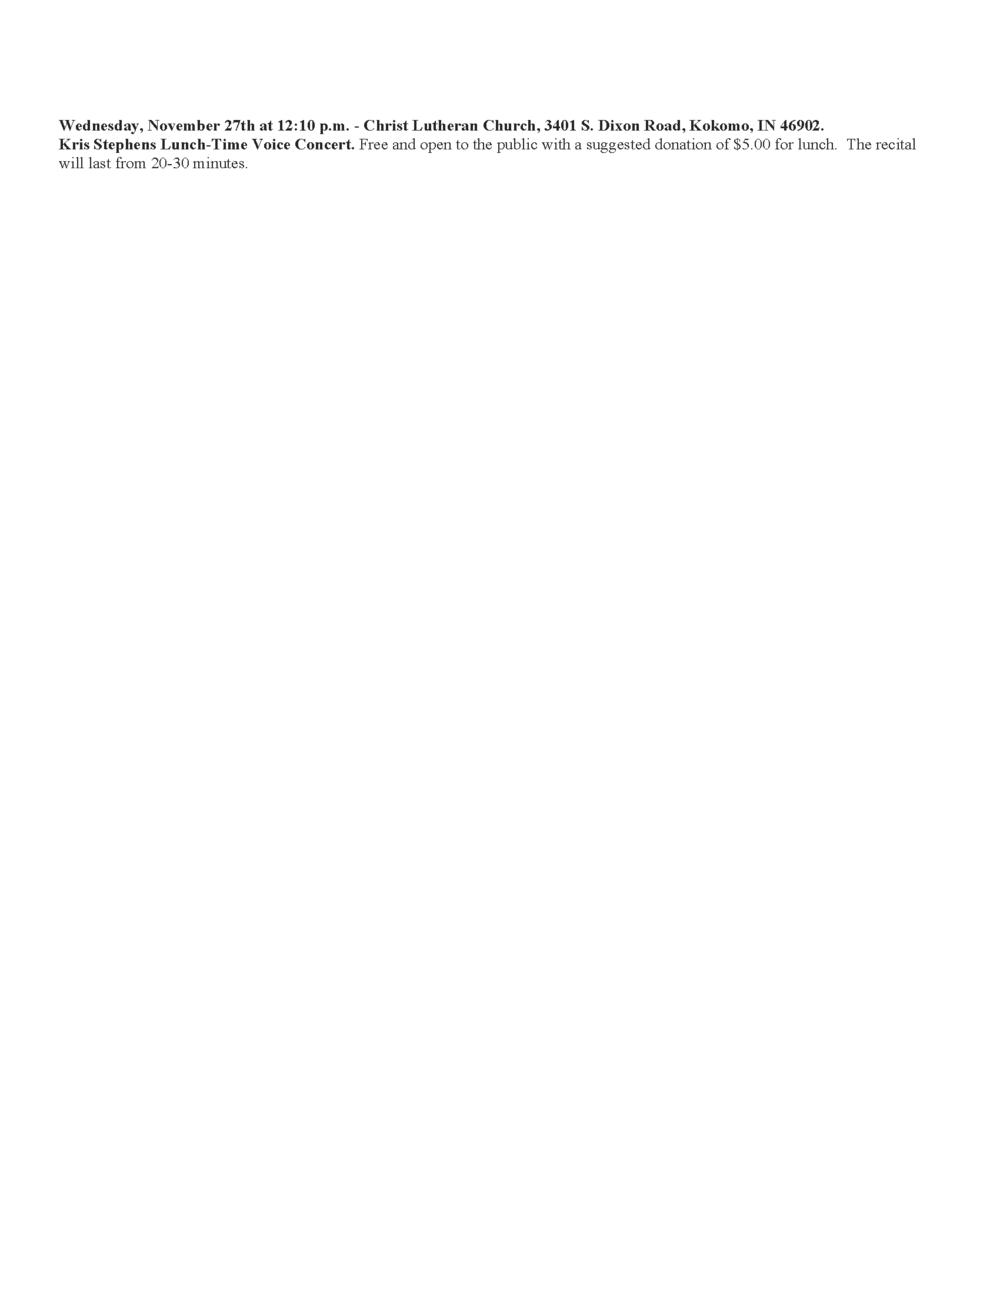 CSF, November 10, 2013_Page_3.png